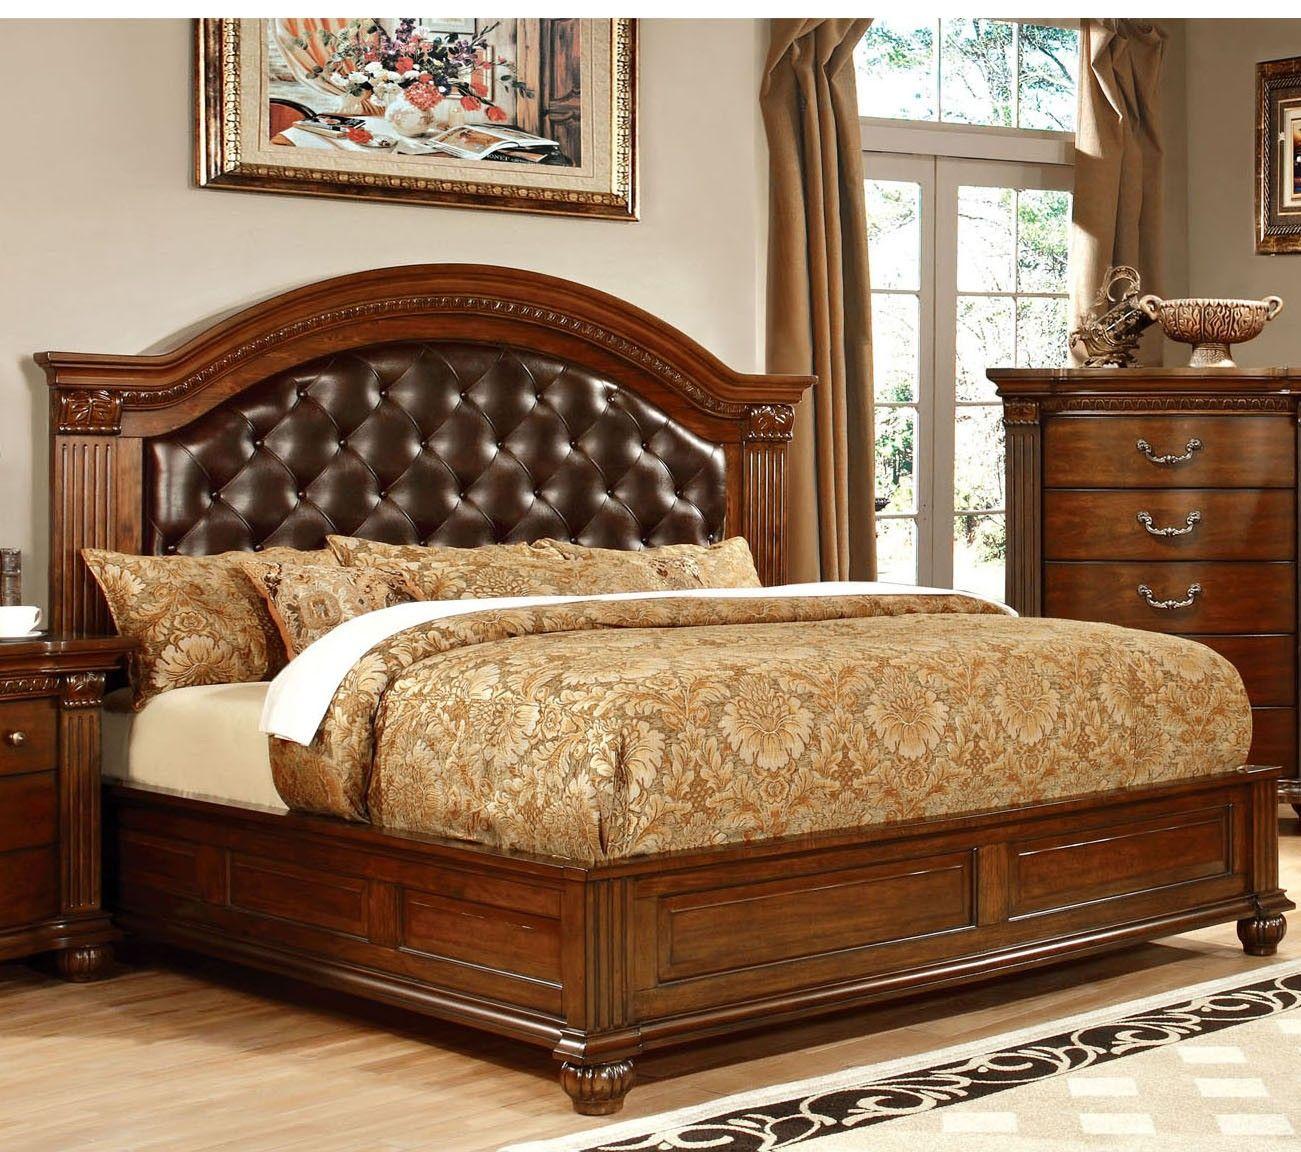 Grandom Queen Bed   cots   Pinterest